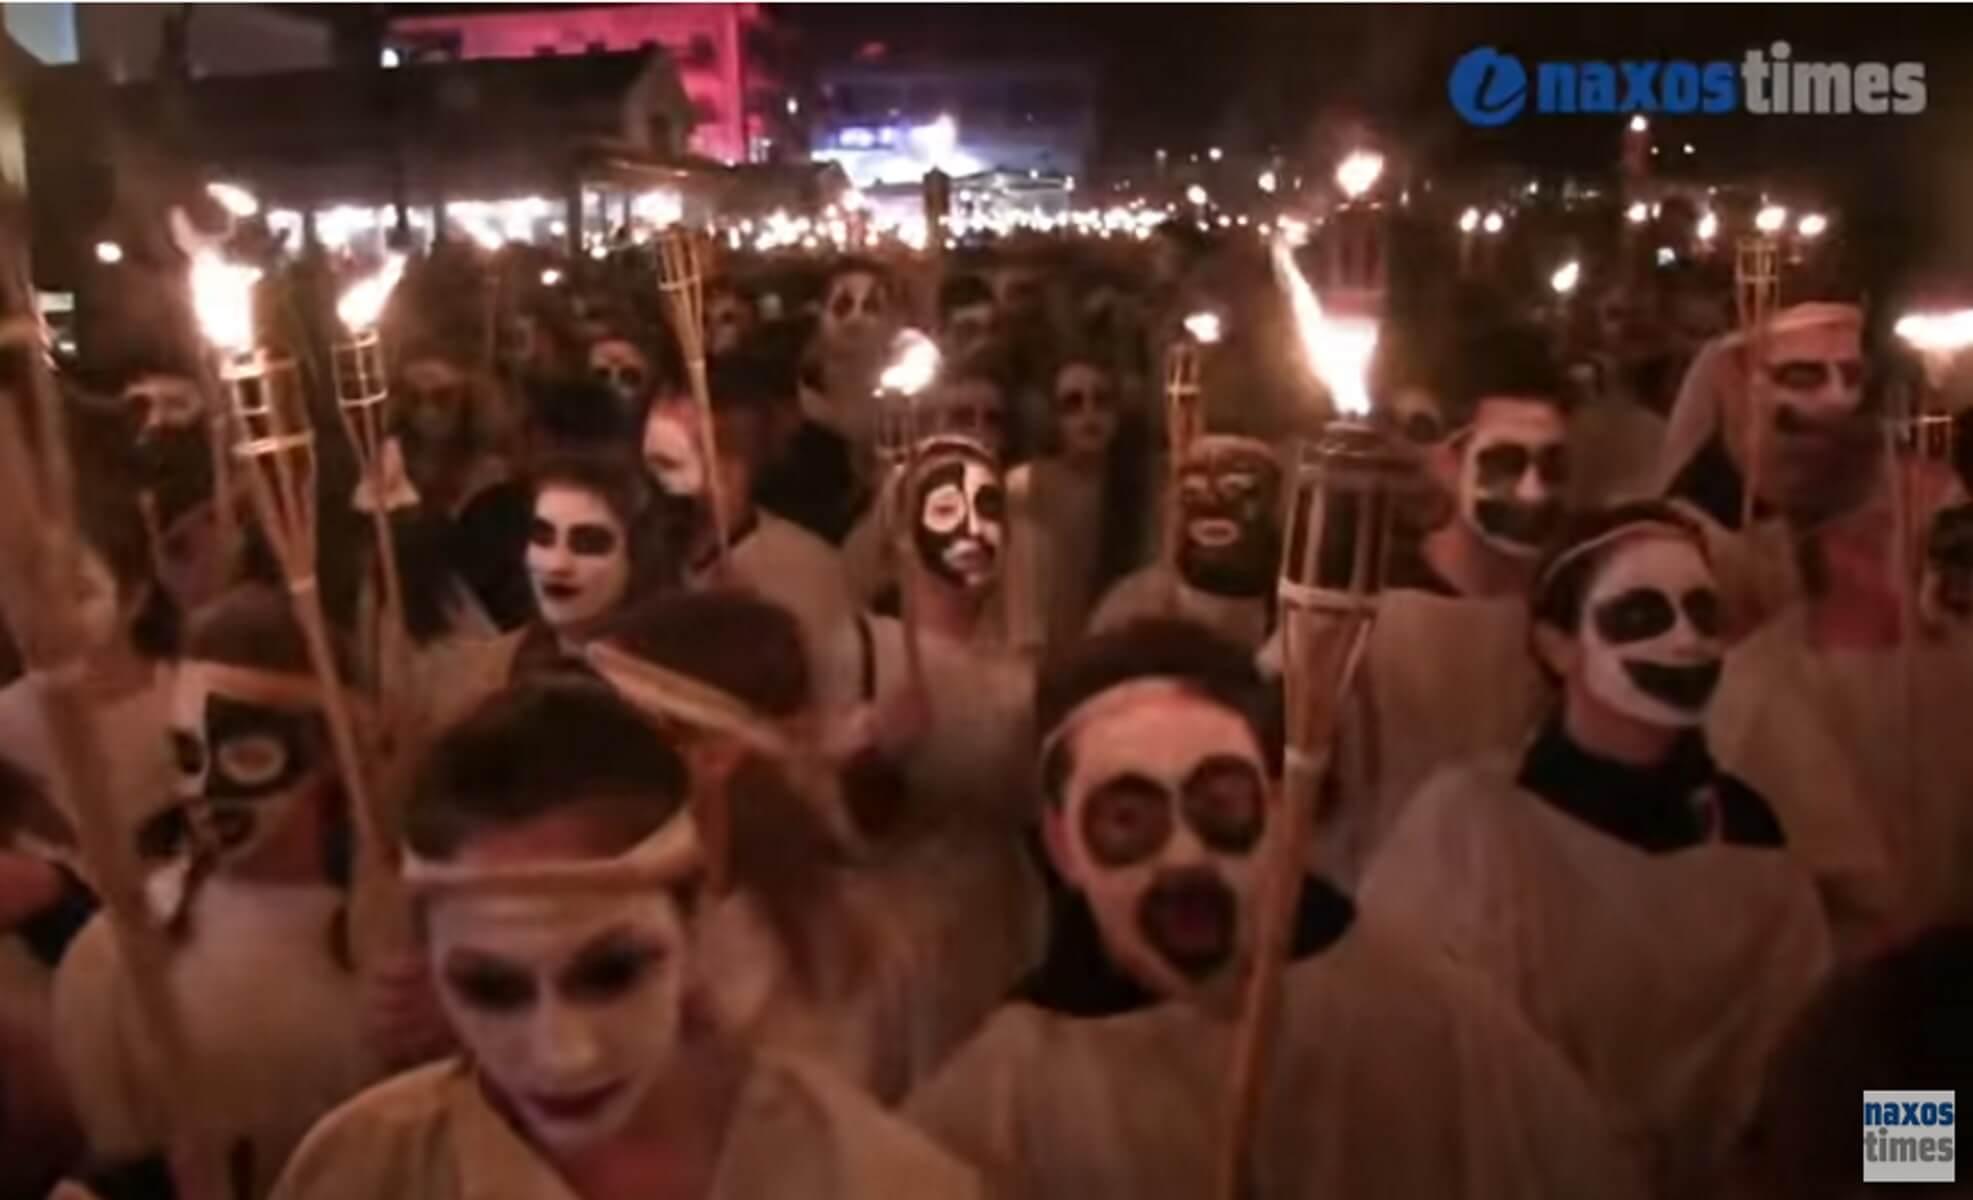 Σείστηκε το Αιγαίο από τους Λαμπαδηφόρους της Νάξου – video